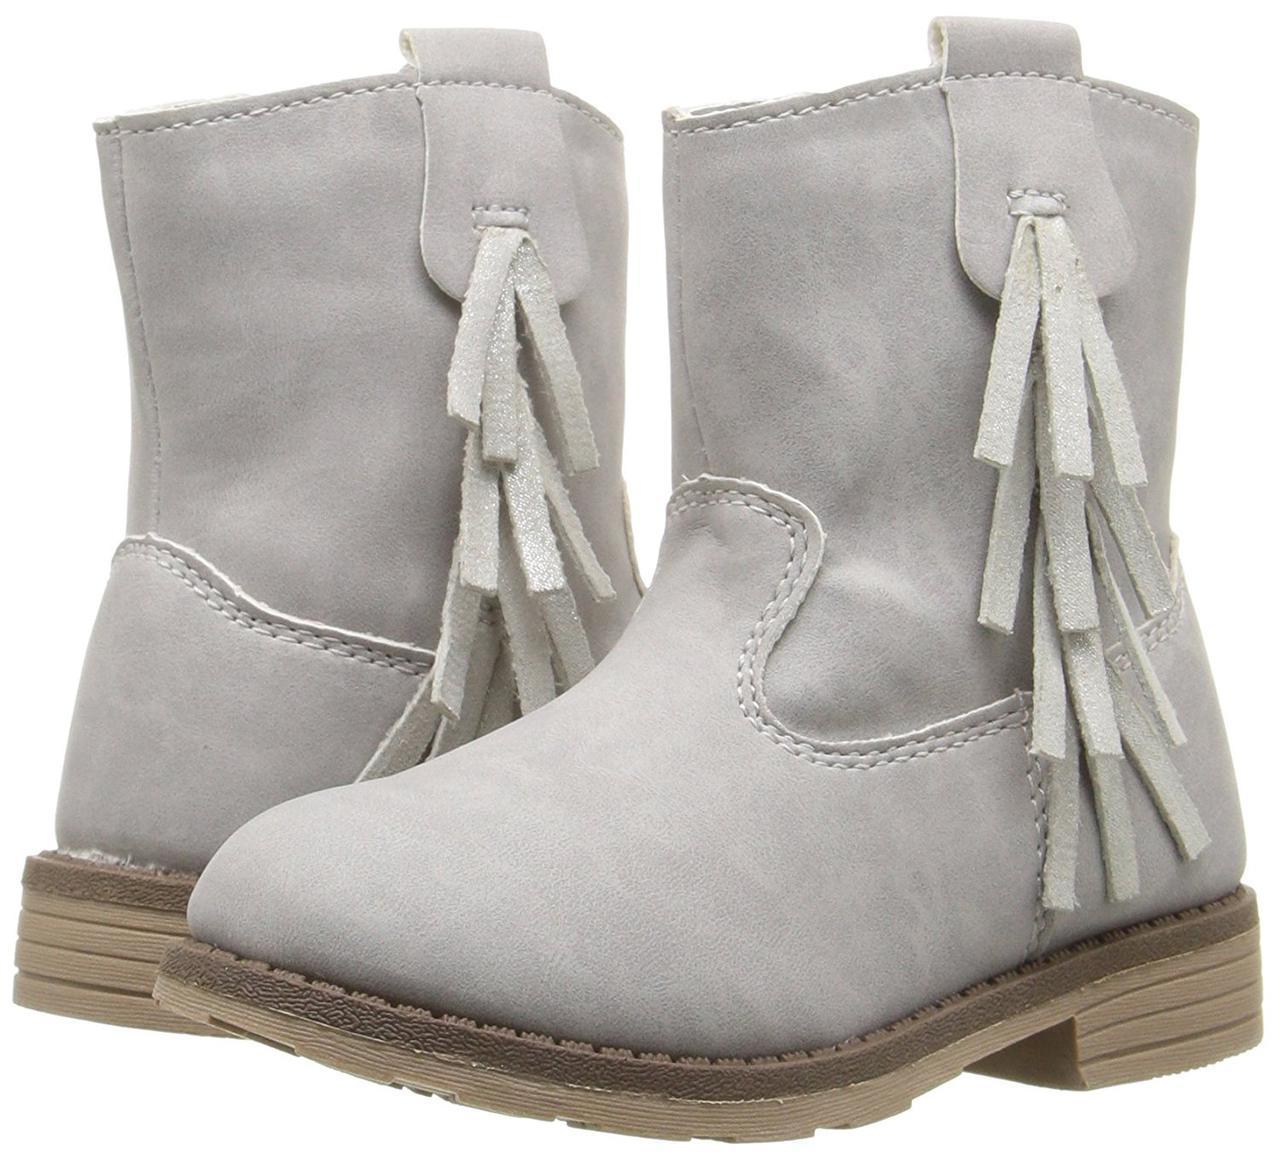 Ботинки Carters серые замшевые детские EUR 25 26 US 9 сапожки для девочки оригинал Картерс демисезонные